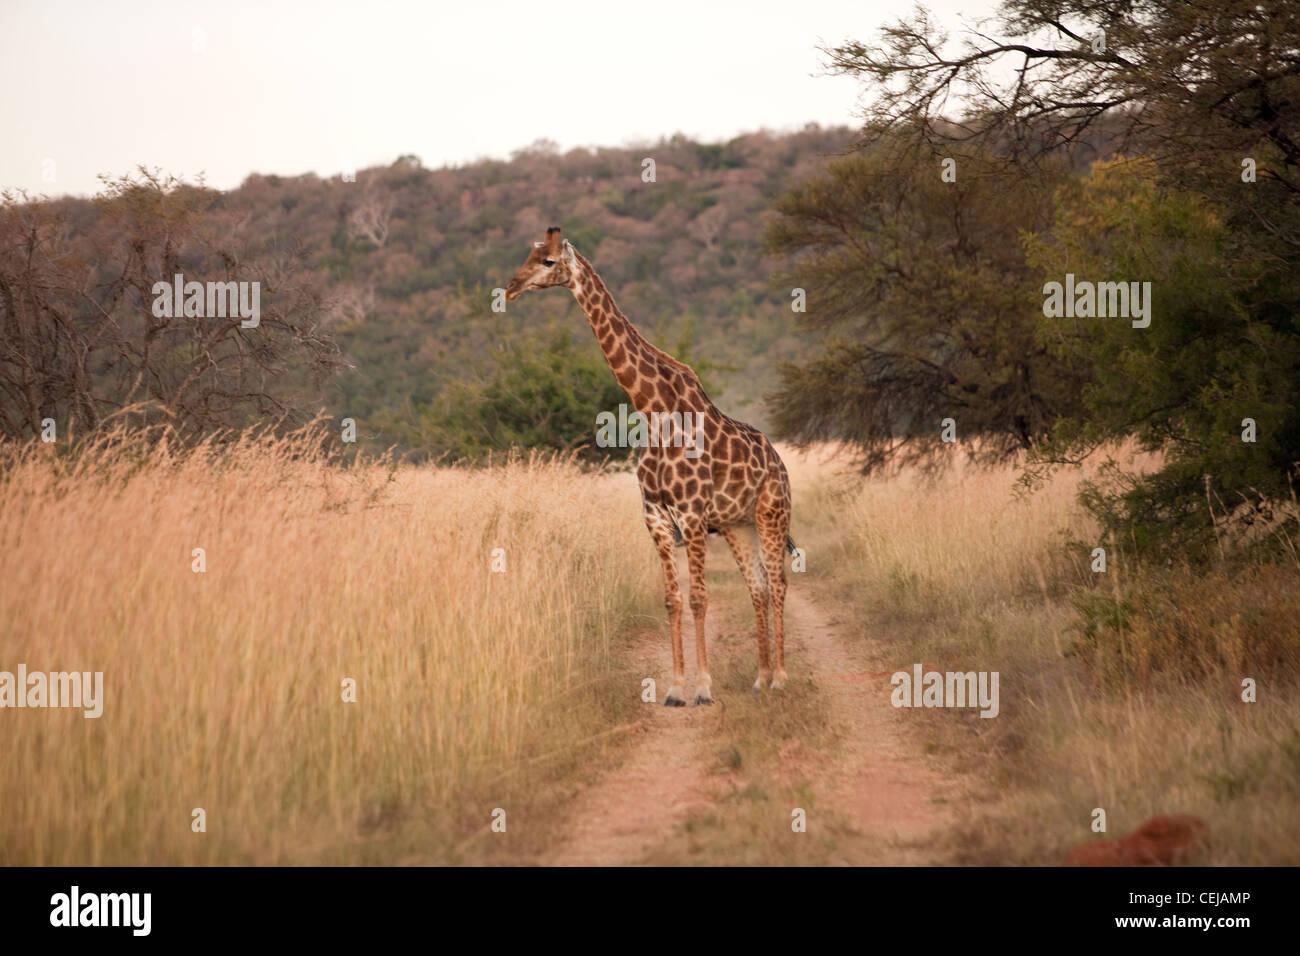 Giraffe, Legenden Wildreservat, Limpopo Provinz Stockbild